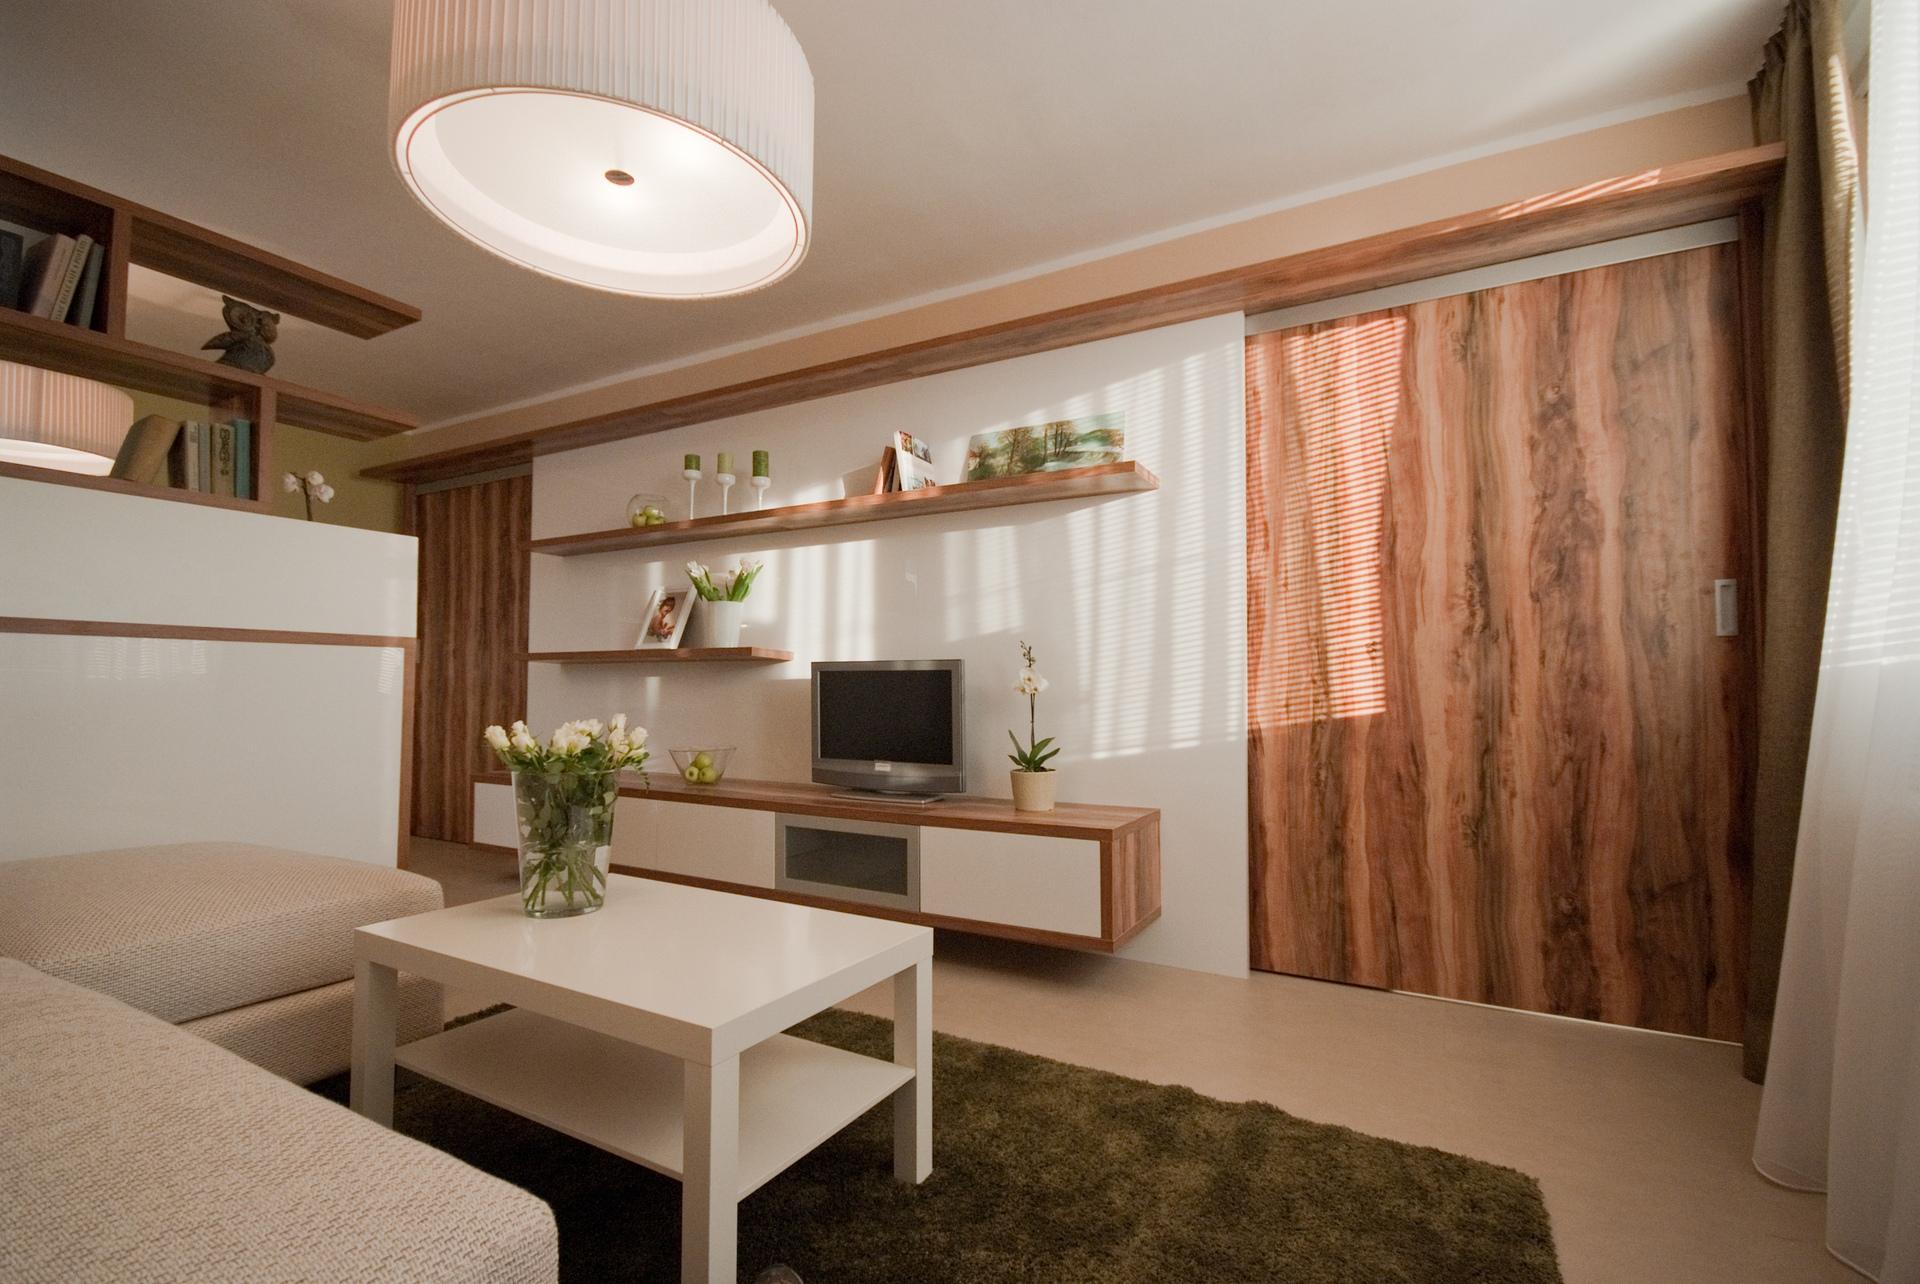 jak se staví sen - obývací pokoj s pracovním koutem 1